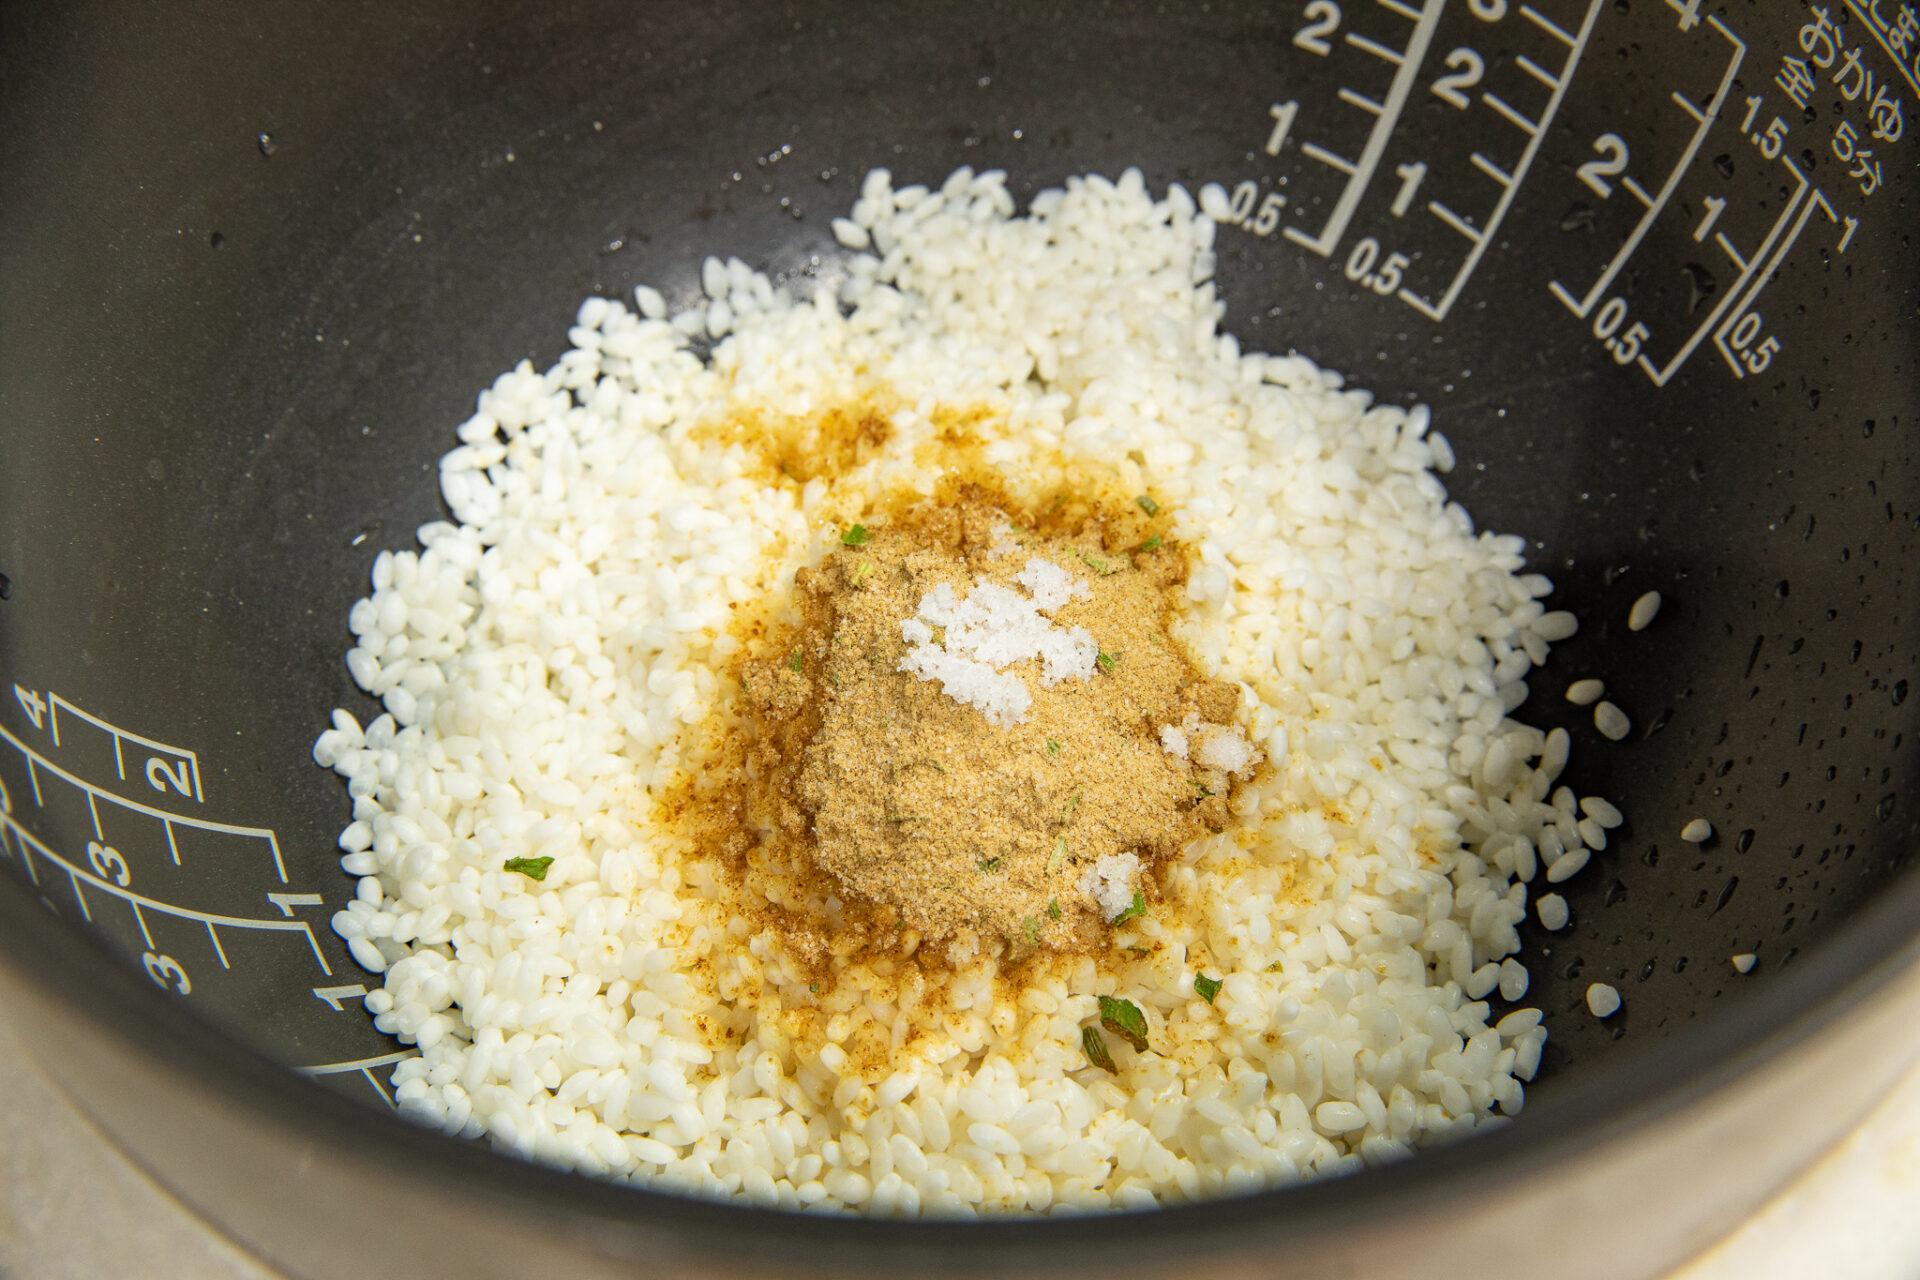 『綾鷹で炊く どん兵衛とさつまいもの炊き込みご飯』の作り方